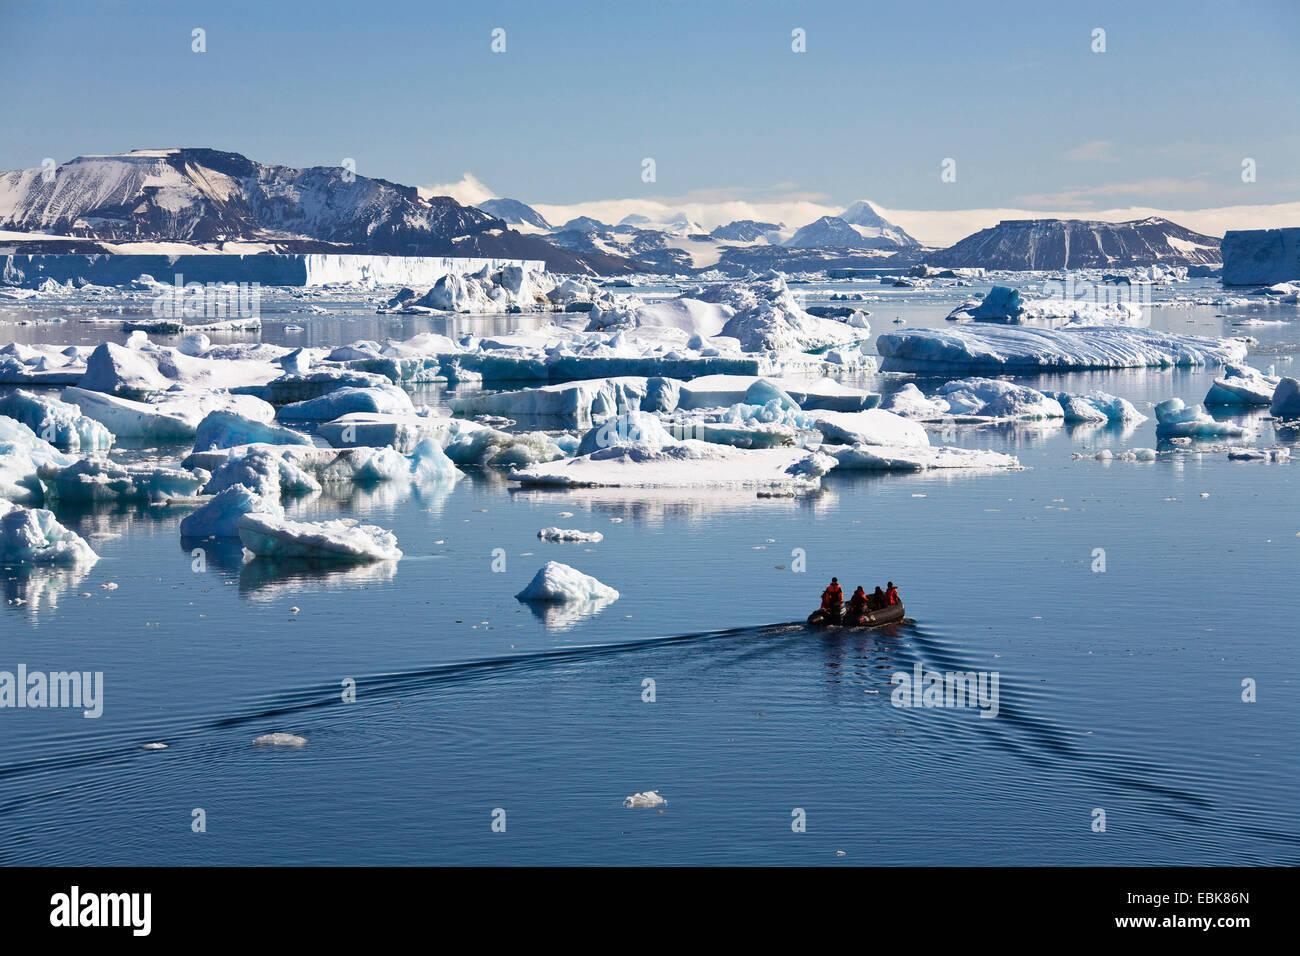 Viaje en balsa de goma entre los icebergs en el Mar de Weddell, en la Antártida Imagen De Stock